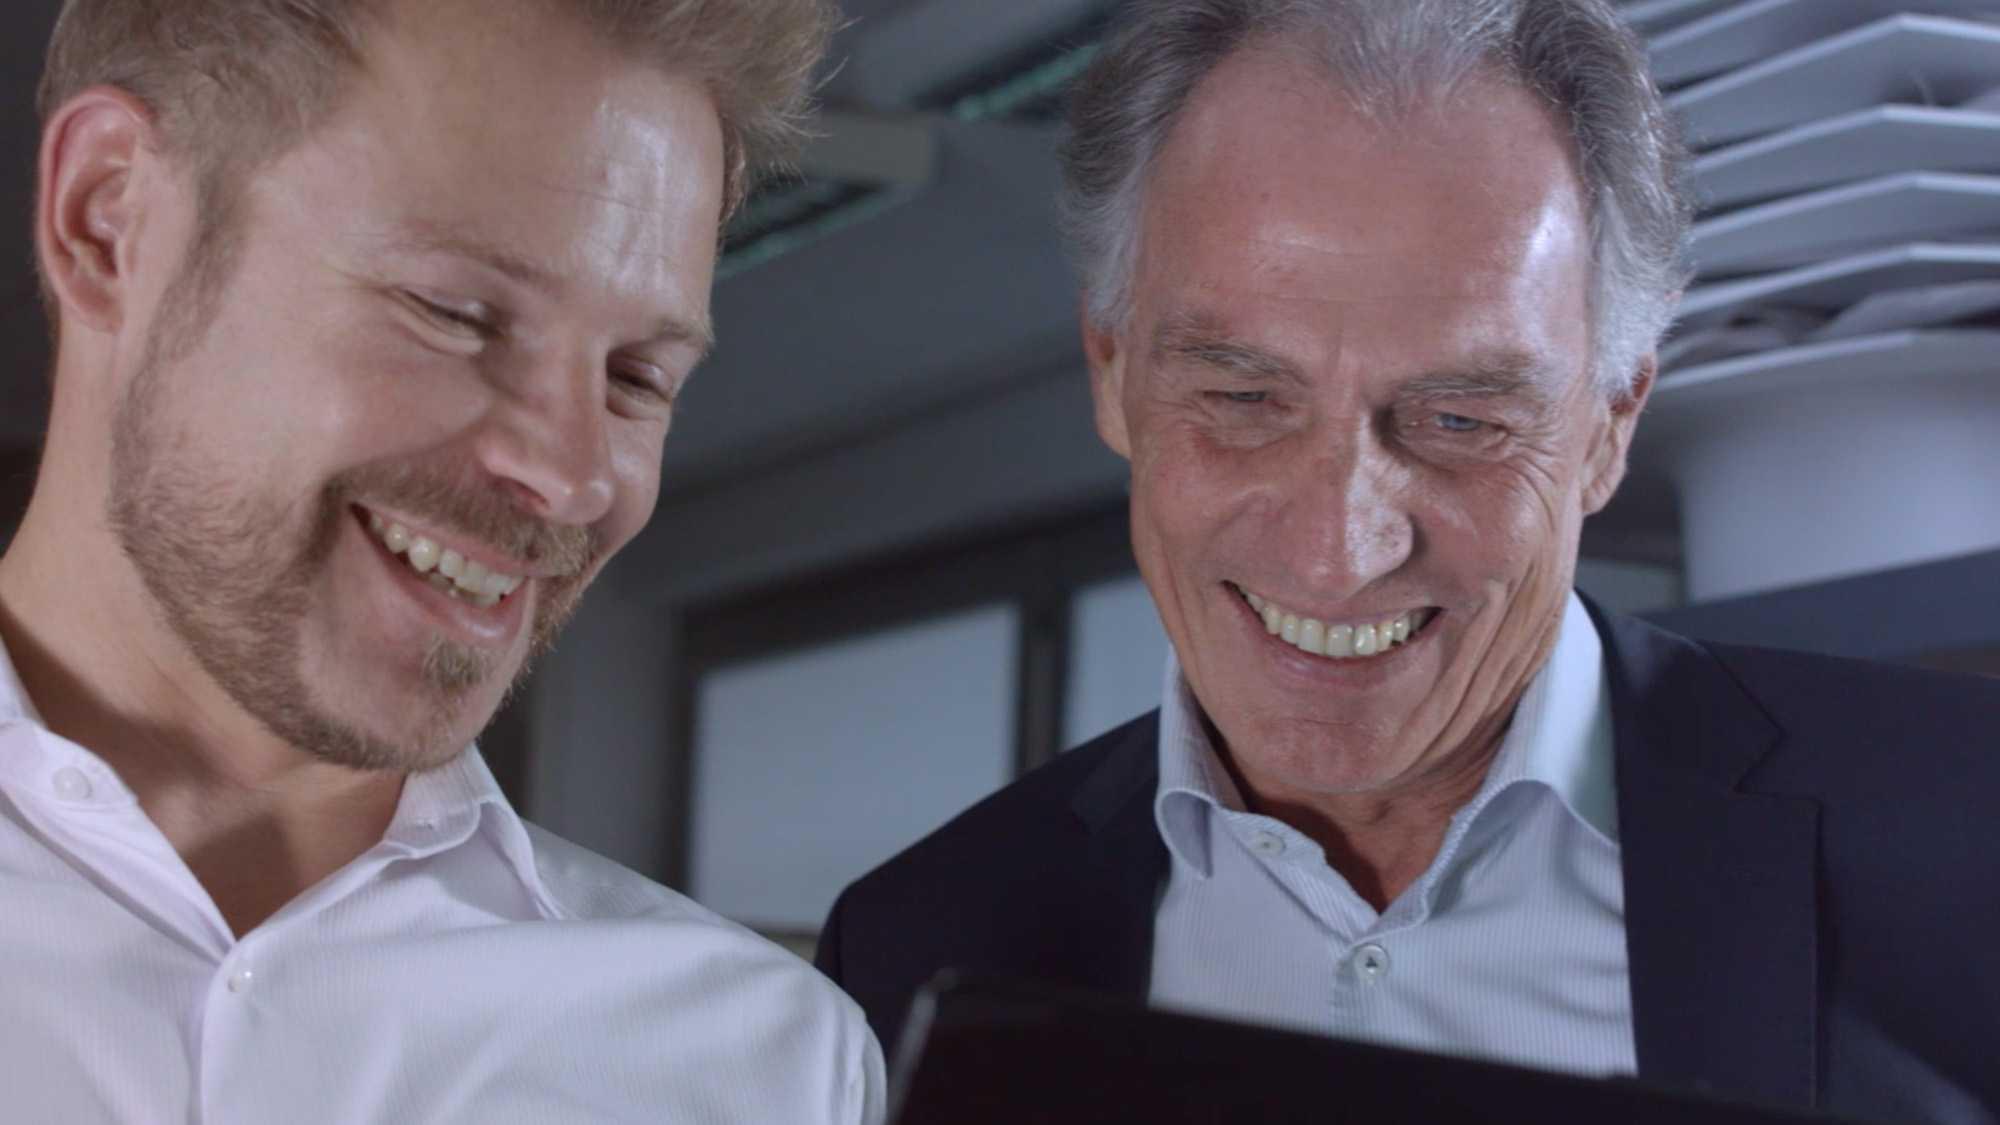 Das Bild zeigt zwei Männer die in ein Tablet starren. Sie sind beide am lachen. Beide tragen ein weißes Hemd. Der Mann der auf der rechten Seite steht trägt zu seinem Hemd noch ein schwarzes Sakko. Das Bild dient als Sliderbild für den Portfolioeintrag Munich Aerospace Imagefilm von Panda Pictures.